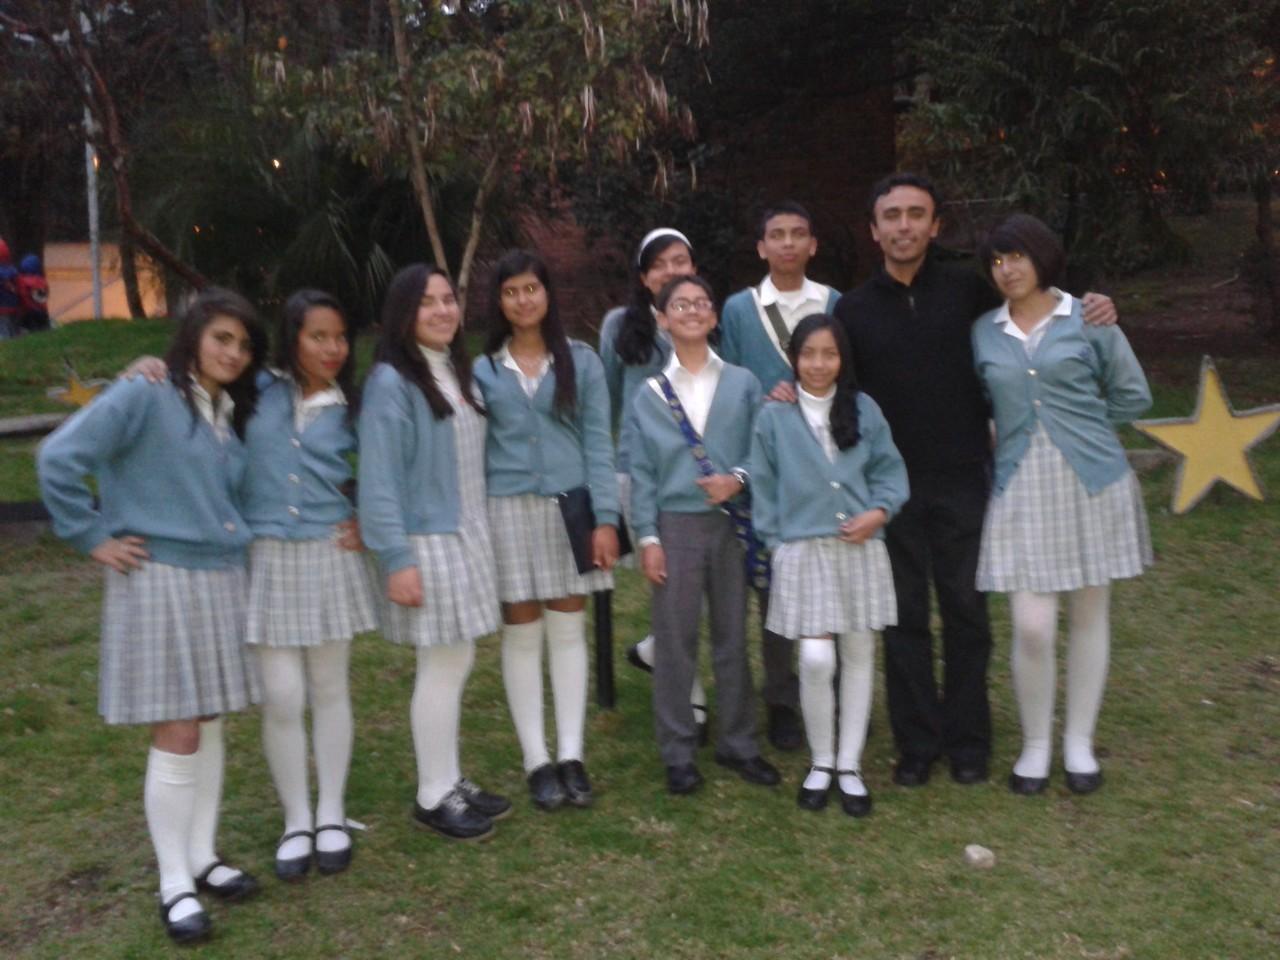 Presentación Encuentro de Coros de la Especialización en Dirección de Coros Infantiles y Juveniles de la Pontificia Universidad Javeriana Noviembre 23 de 2013